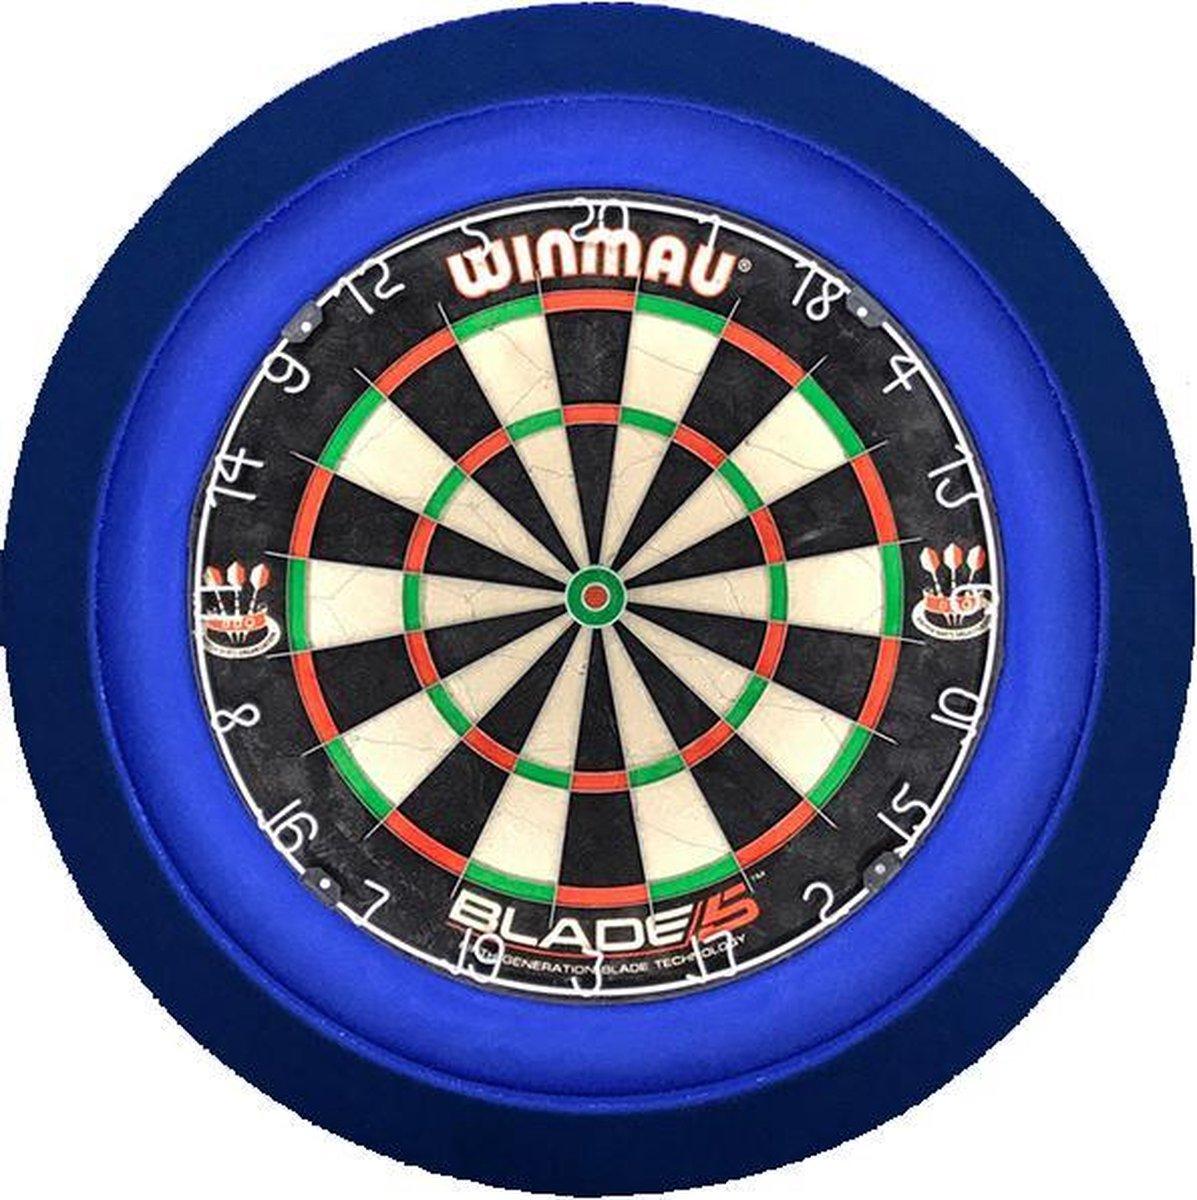 Dartbord met Verlichting Voordeelpakket (Blauw) + Blade 5 + Lena DeLuxe